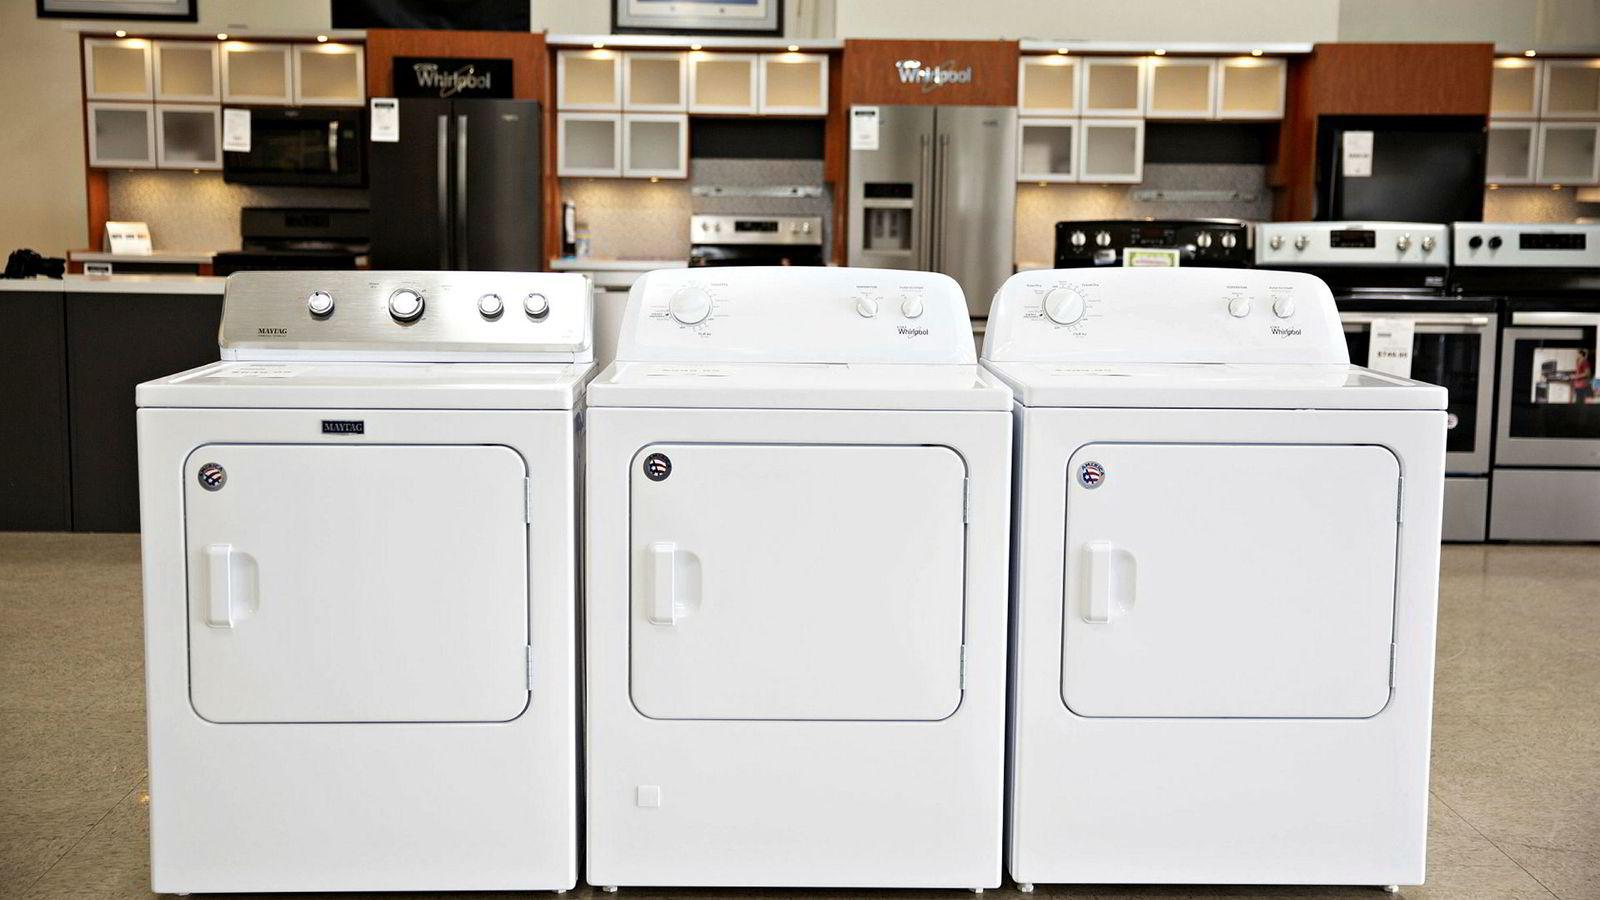 Økt toll på vaskemaskiner i USA øker prisen konsumentene må betale. Tørketromler er fritatt fra den økte tollen, men økte likevel i pris. Her tre tørketromler fra Whirlpool.